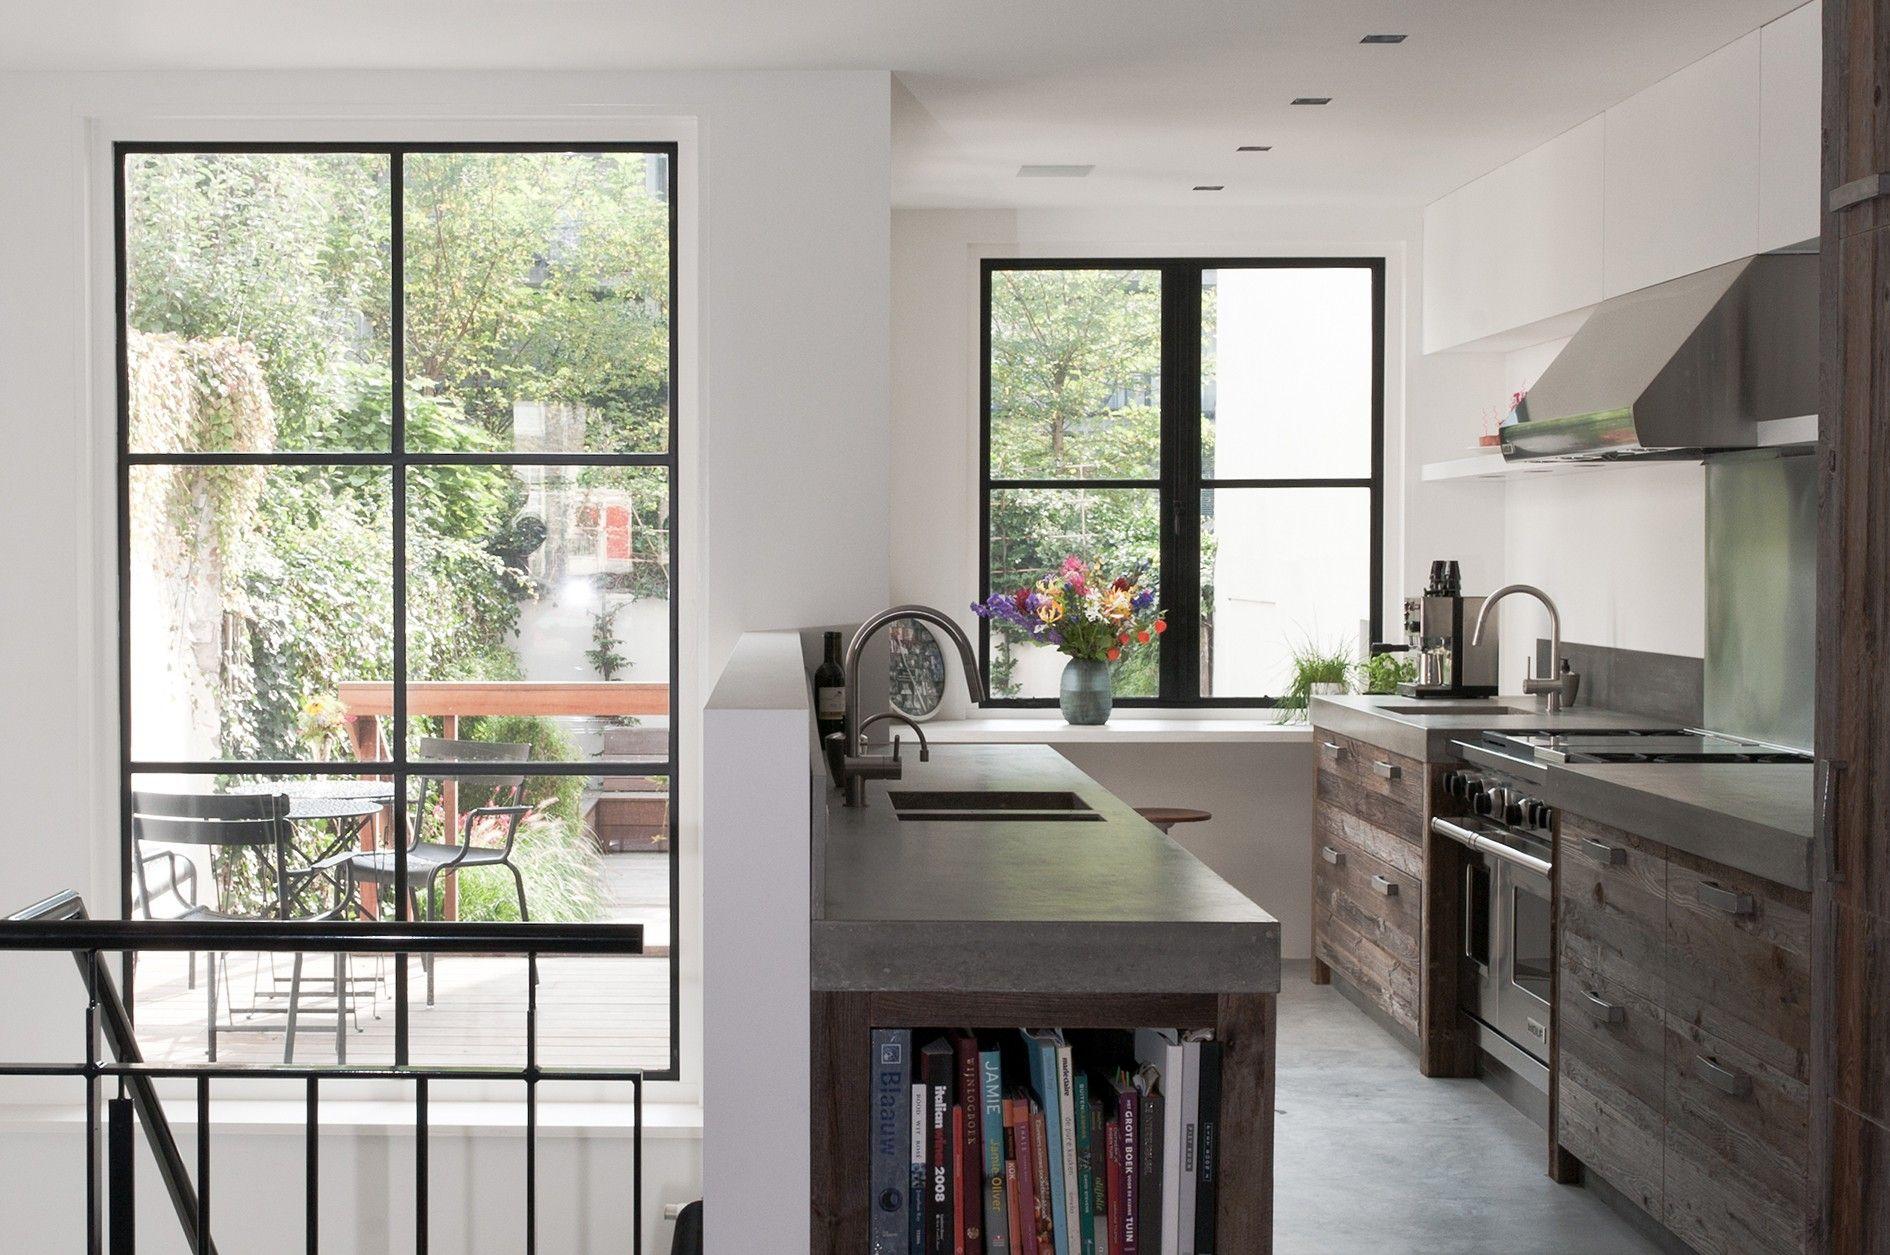 Interieur / keuken van Piet Jan van den Kommer.